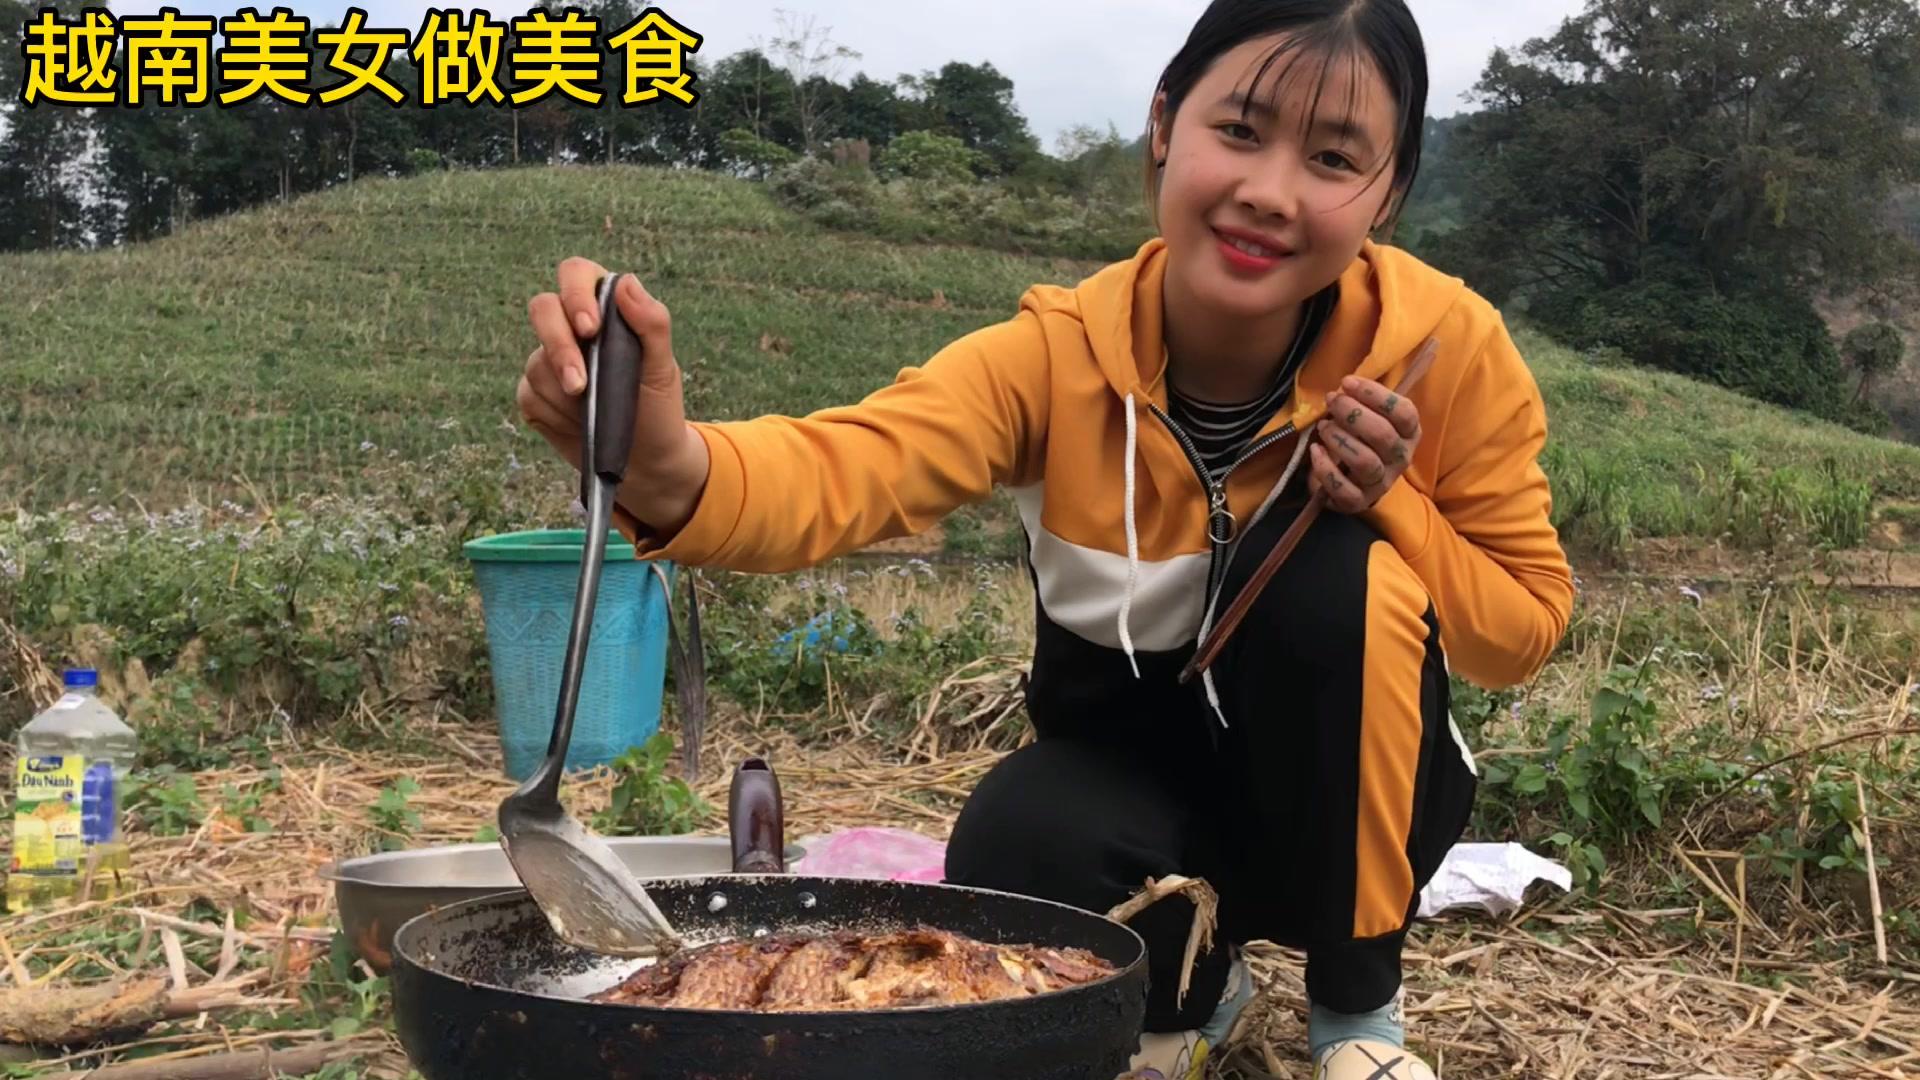 今天跟越南小妹在田里做超辣的罗非鱼,太香了